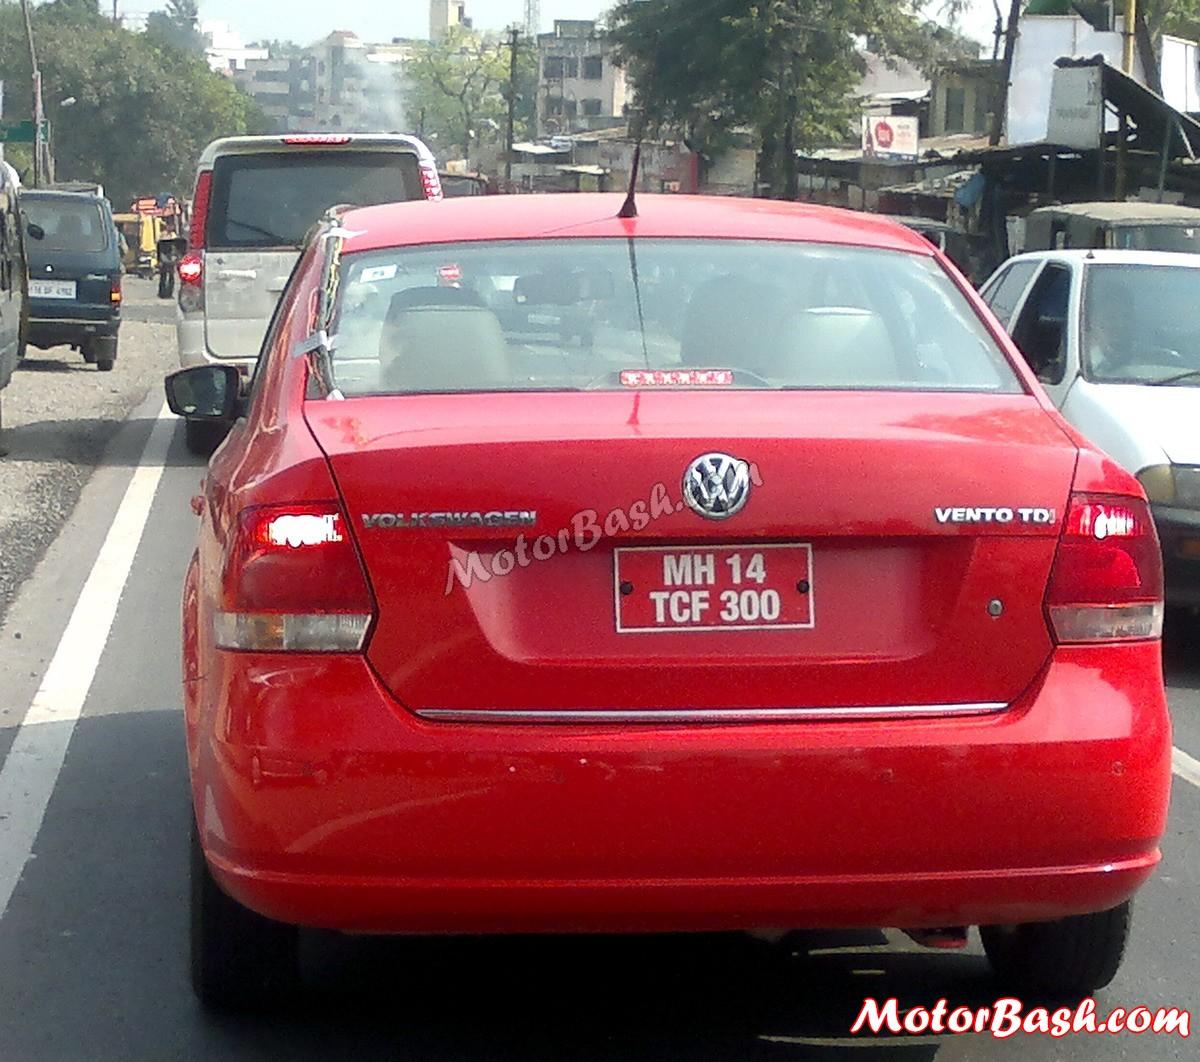 Mb Xclusive Scoop Volkswagen Vento Cng Spied In Pune